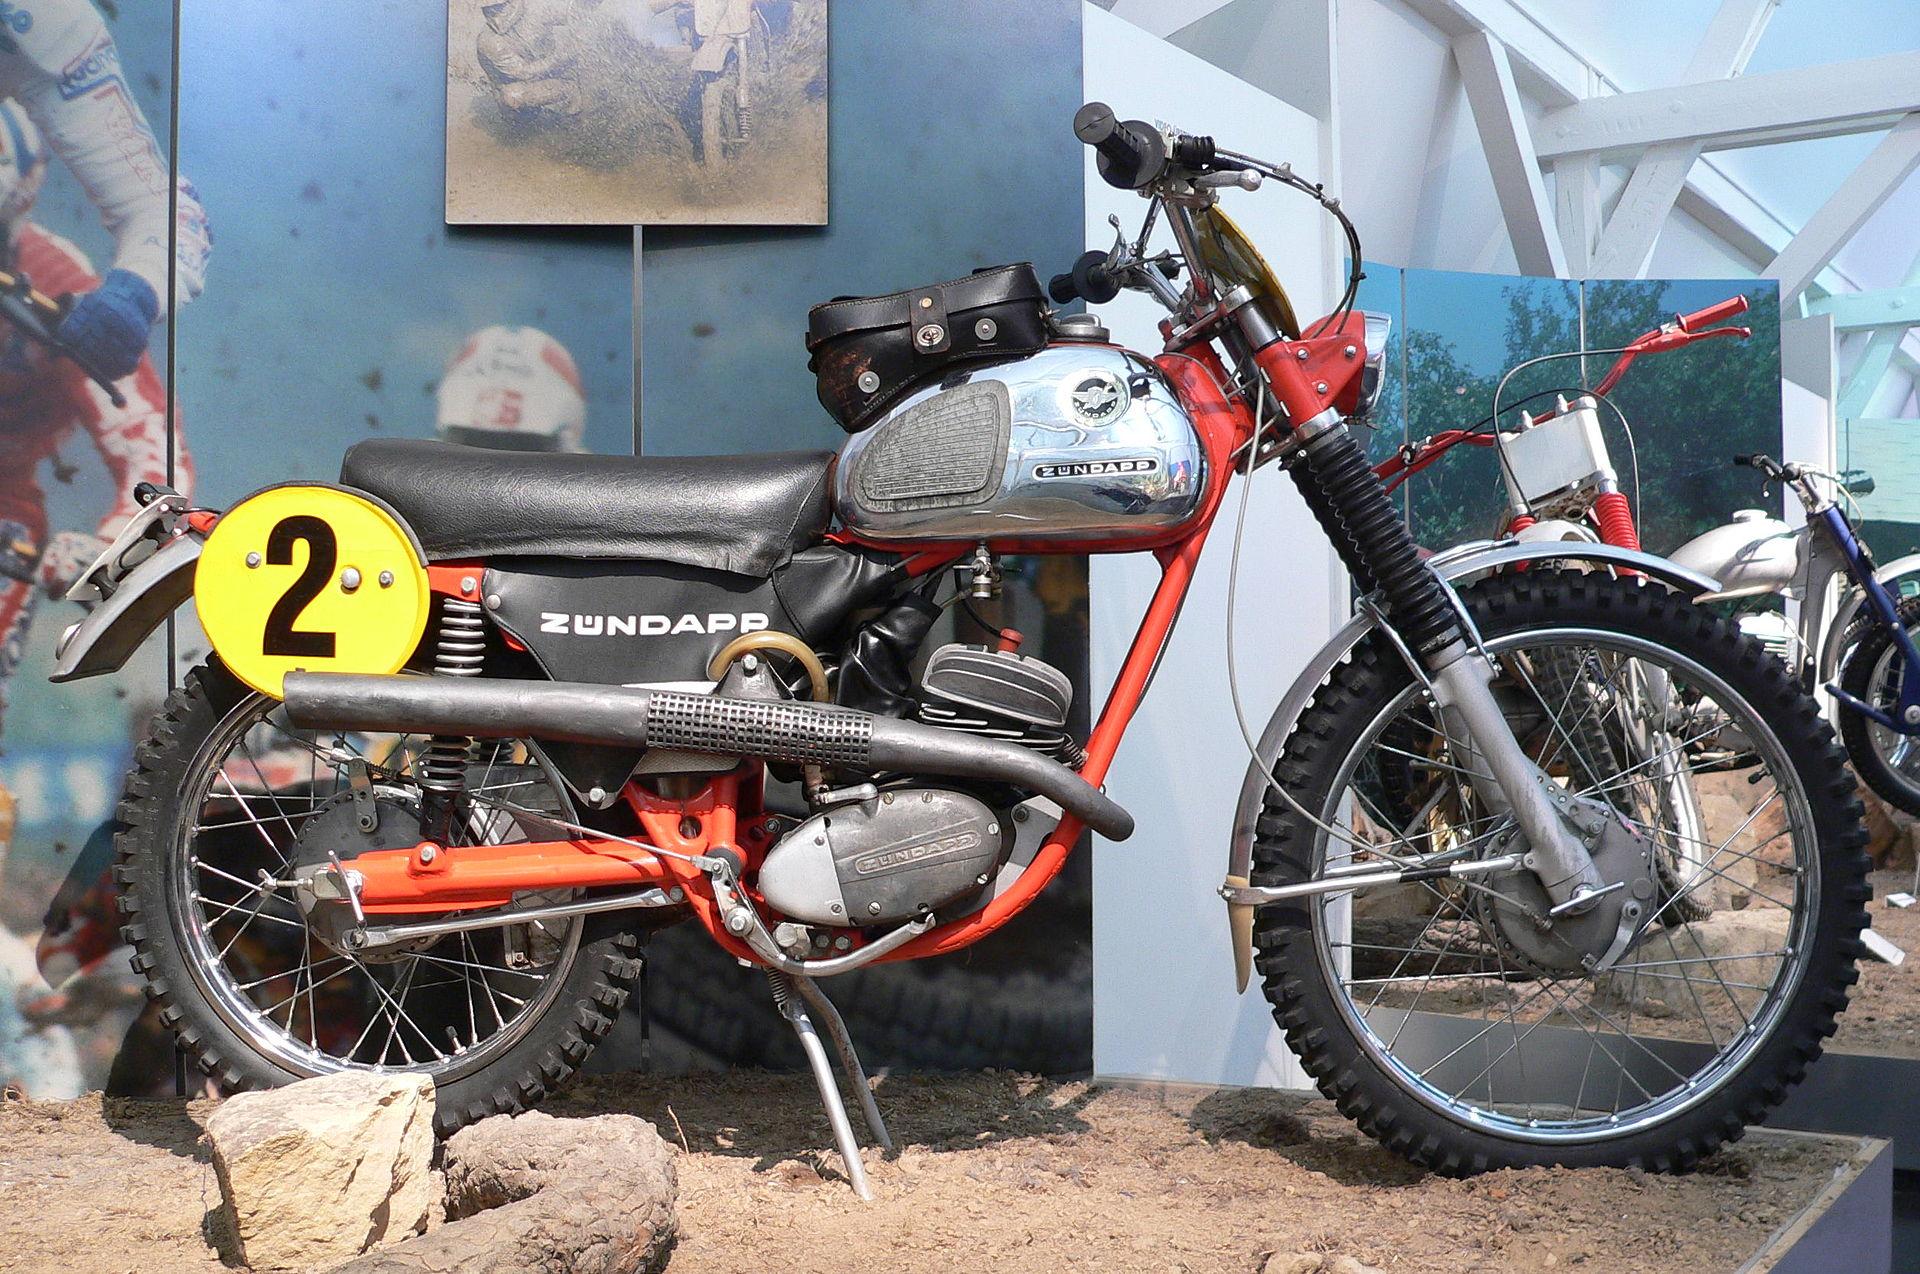 Zuendapp GS 50